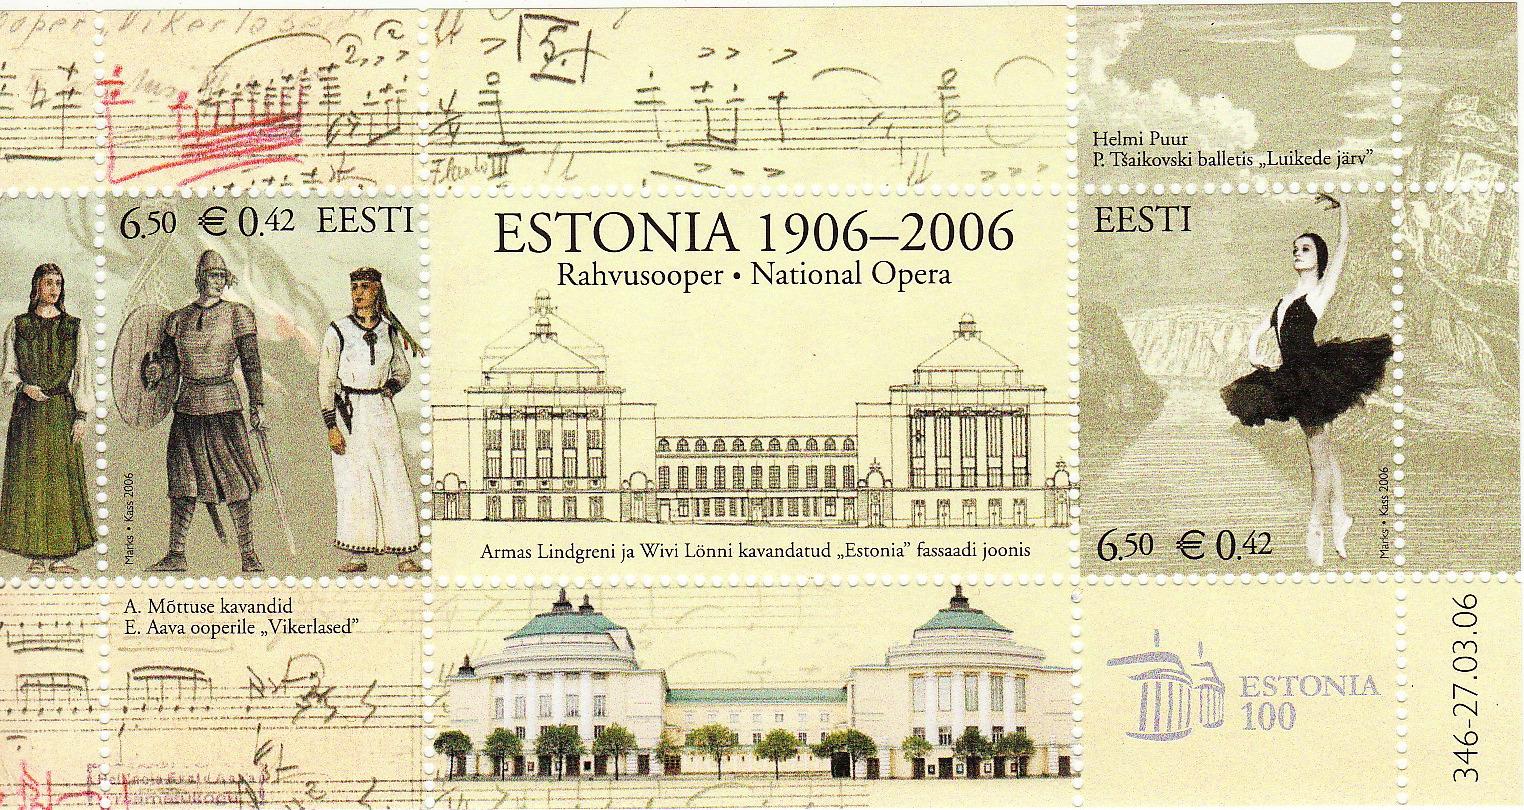 estonia_2006_2.jpg